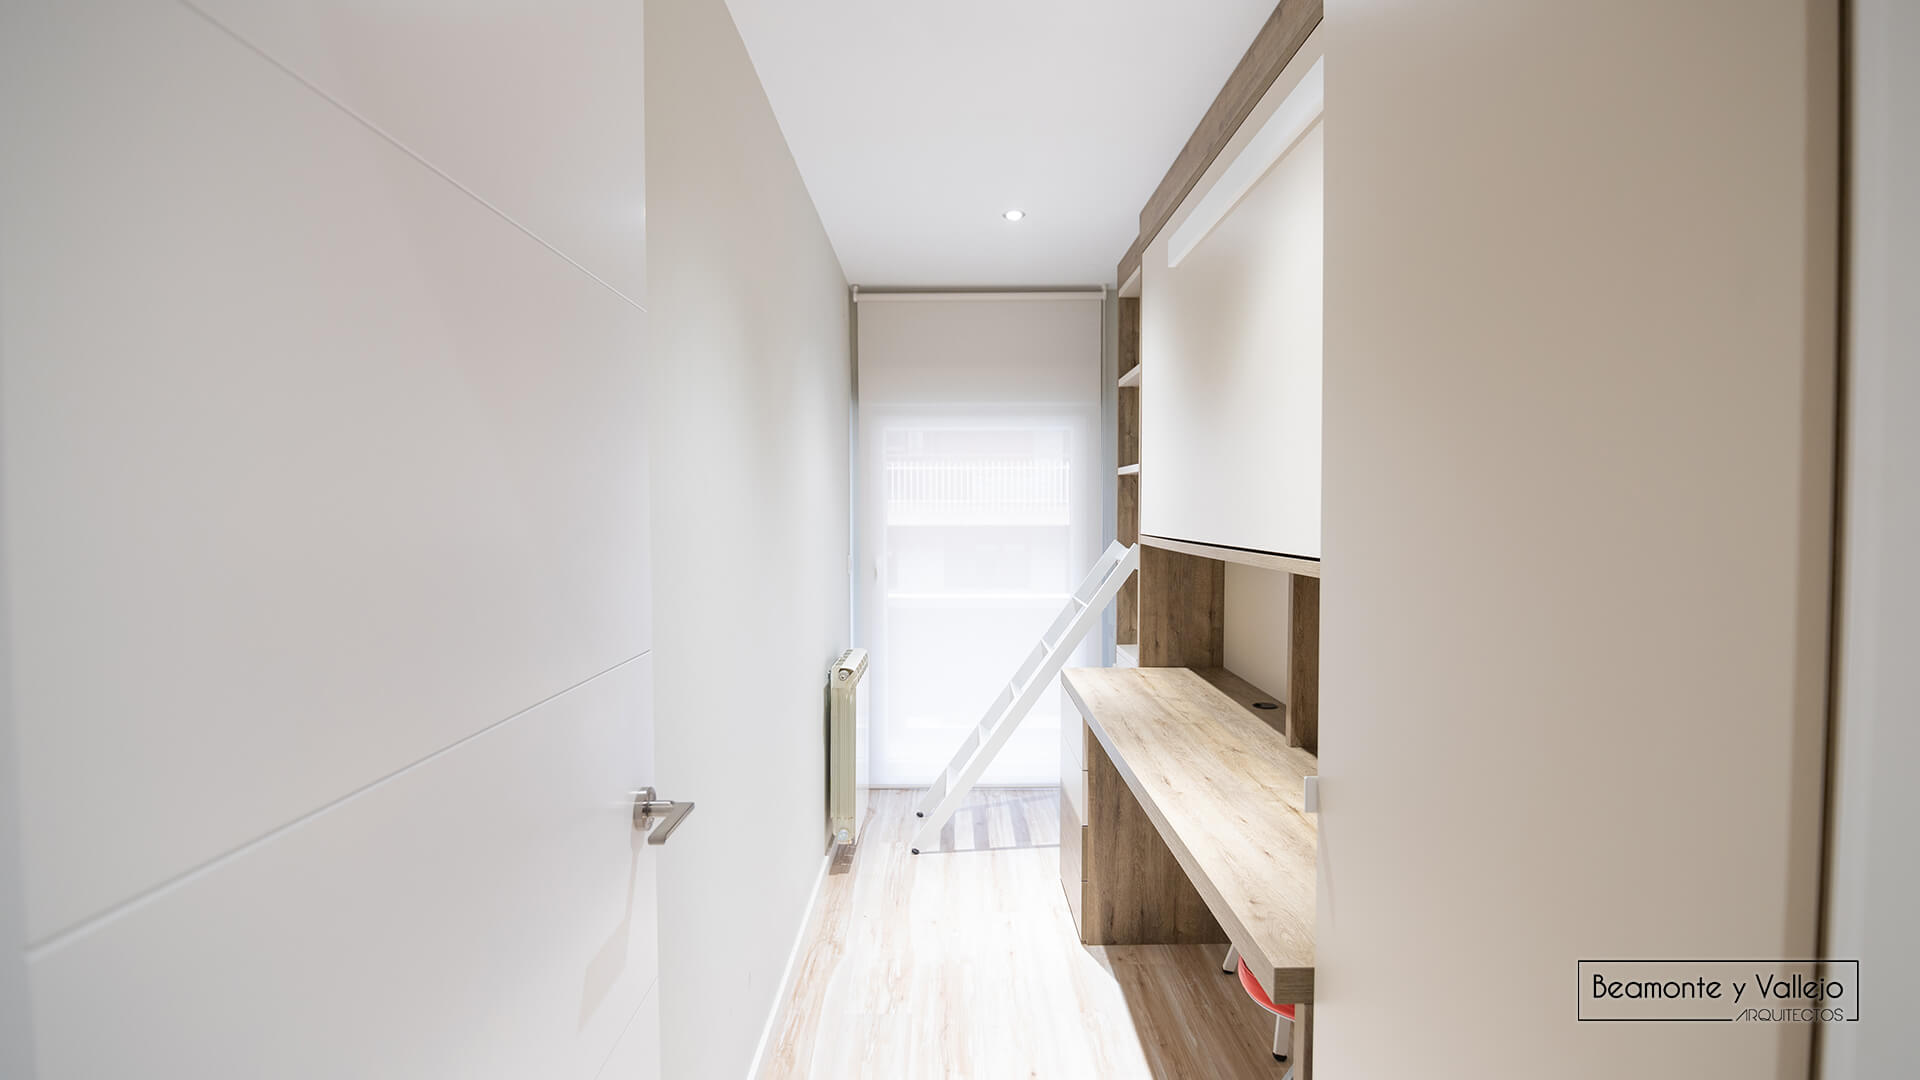 Beamonte y Vallejo arquitectos - Andres Gurpide 12, 3